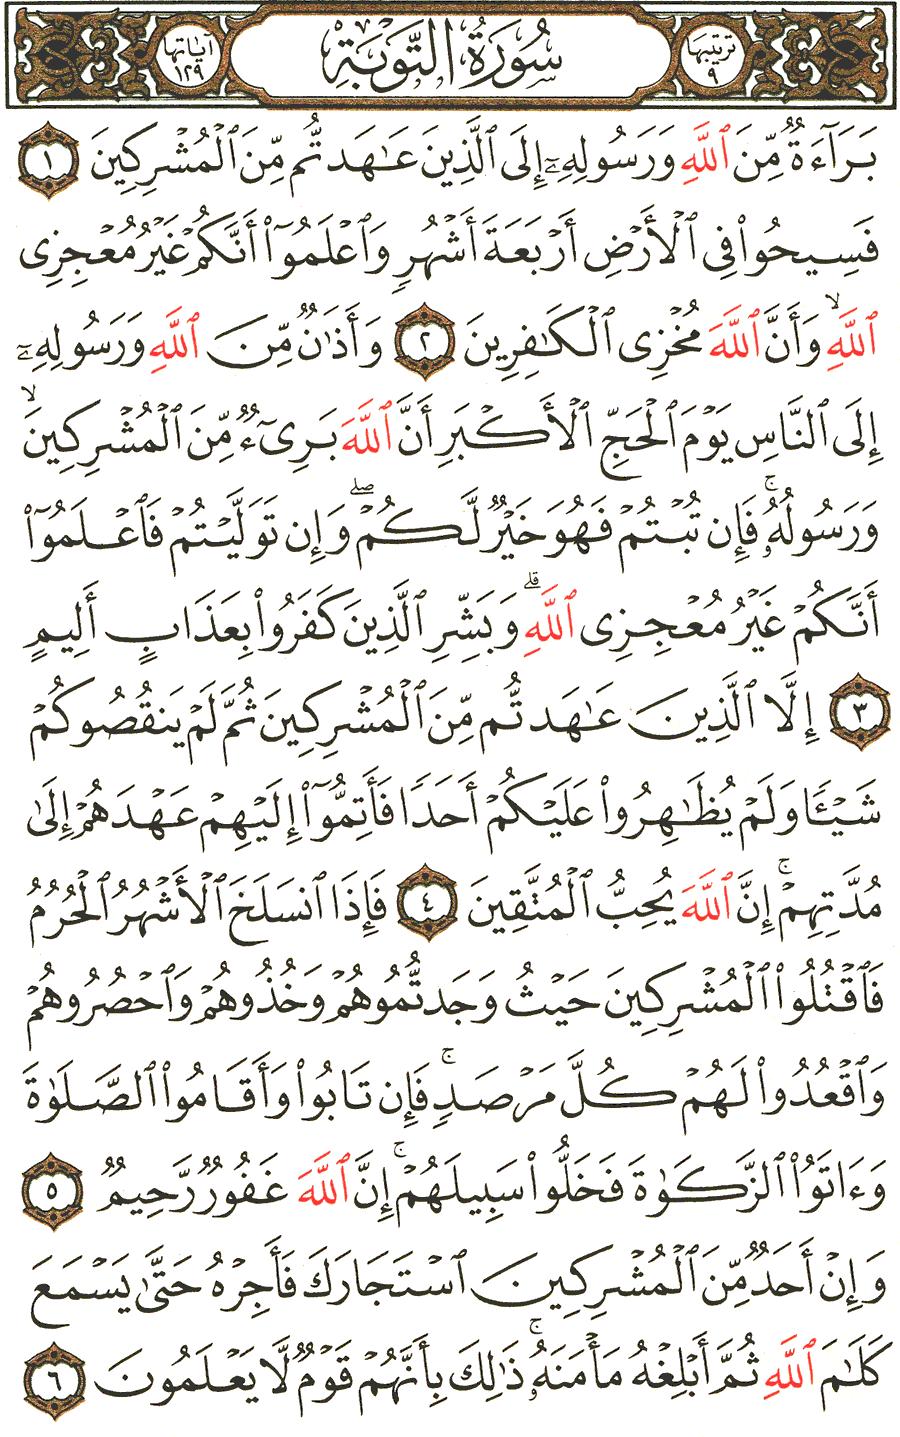 الصفحة رقم 187 من القرآن الكريم مكتوبة من المصحف